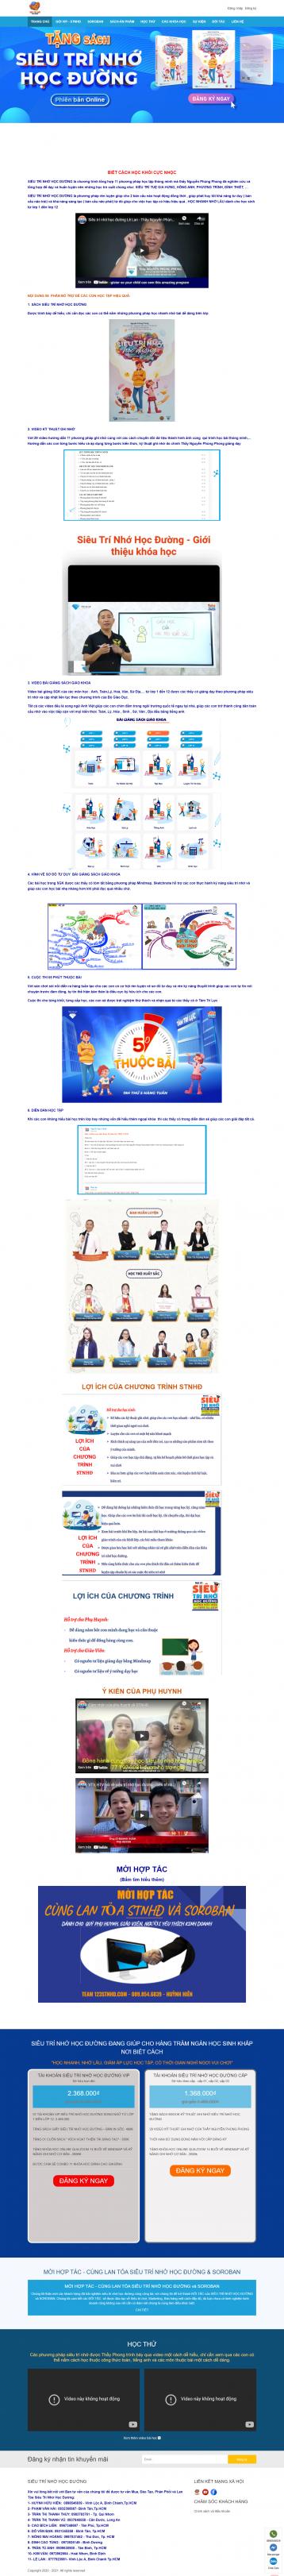 Thiết kế website Dạy học, Bồi dưỡng kiến thức WM 03